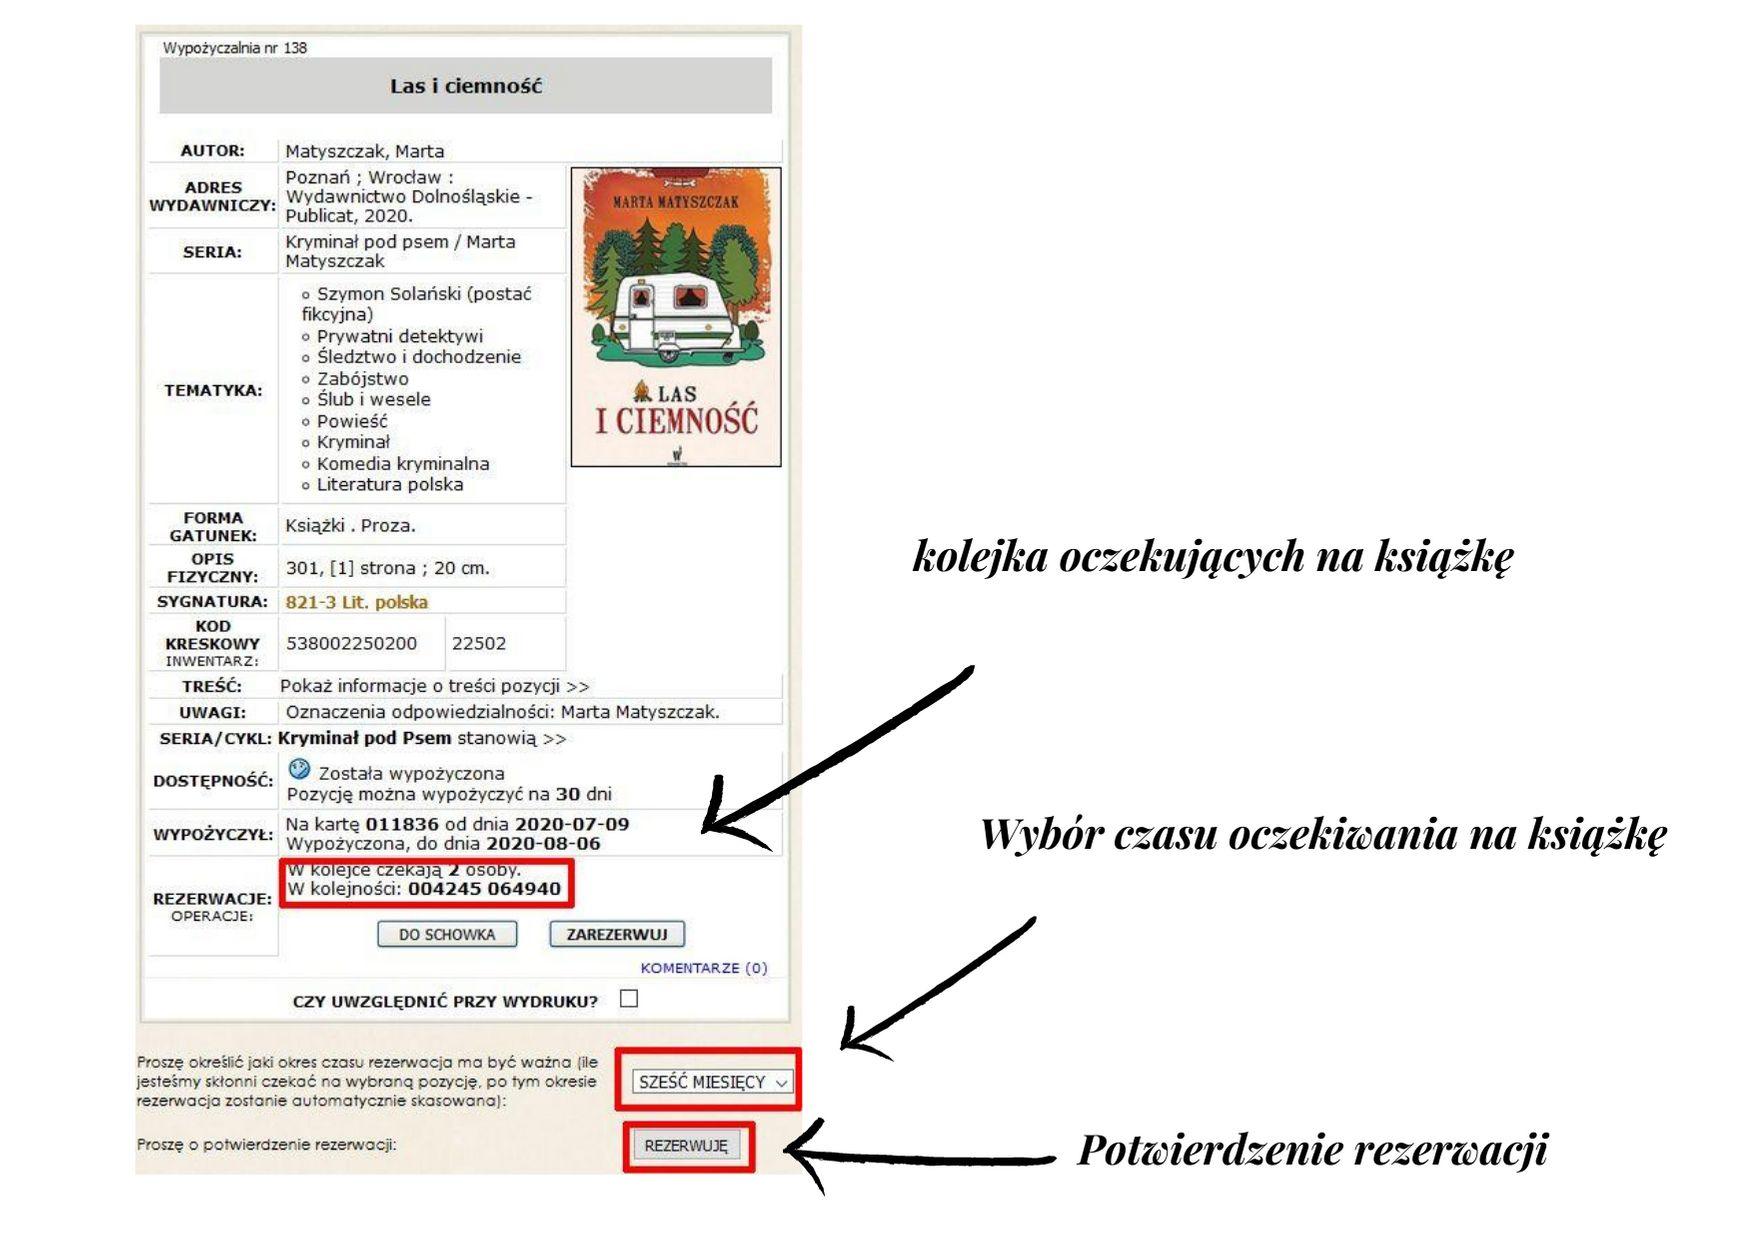 proces rezerwacji książki – karta katalogowa książki z zaznaczonymi na niej: kolejką rezerwacji, polem do wyboru czasu rezerwacji oraz przyciskiem potwierdzającym rezerwację